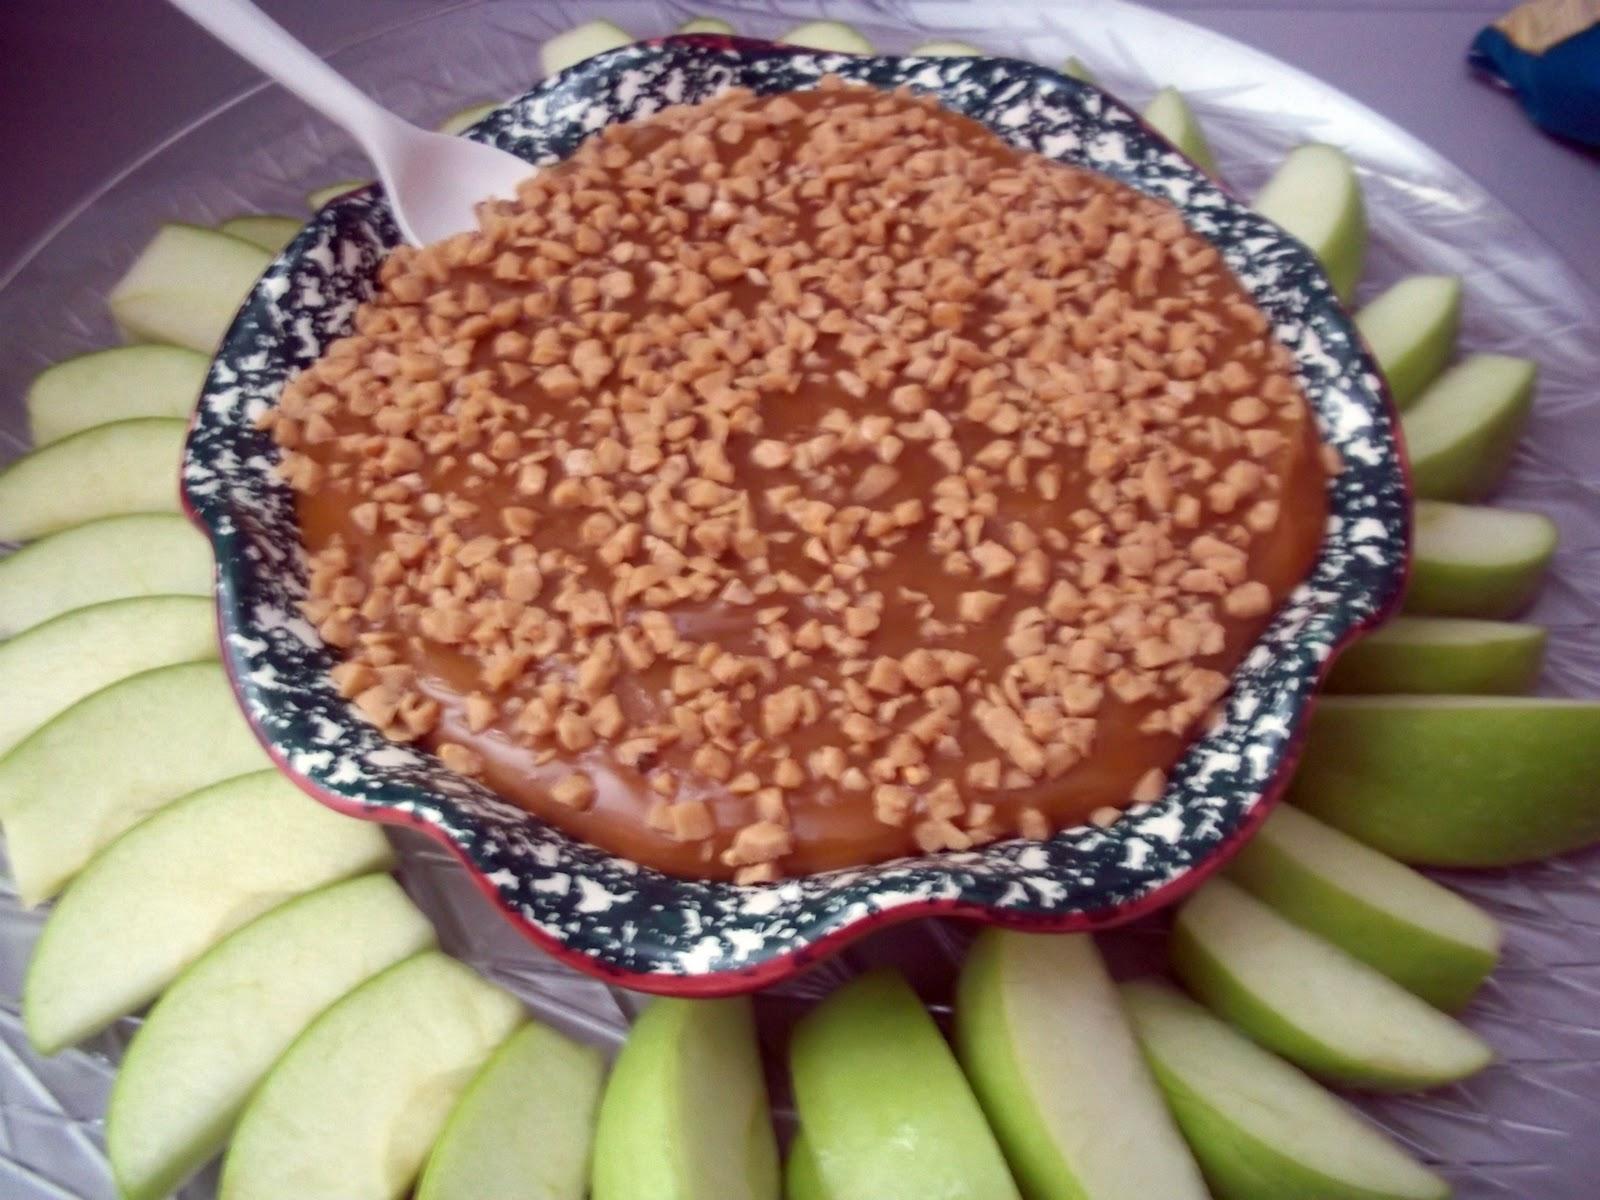 Apple Cheese Spread Recipes — Dishmaps